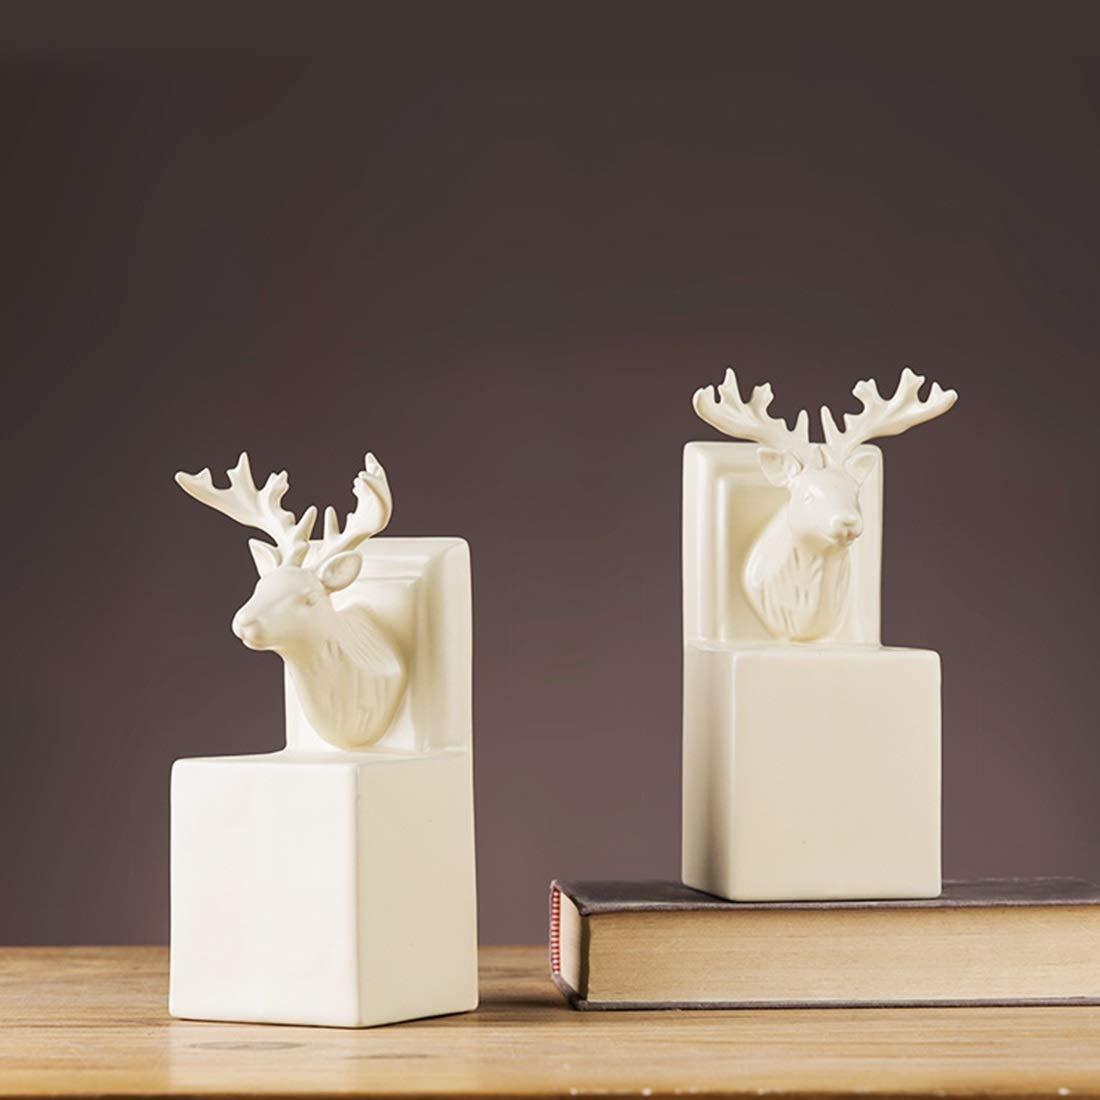 OWNFSKNL 北欧スタイルの鹿のヘッドブックブロックのセラミック工芸品の装飾品簡単な書棚 (Style : B) B  B07QKMWX2Y